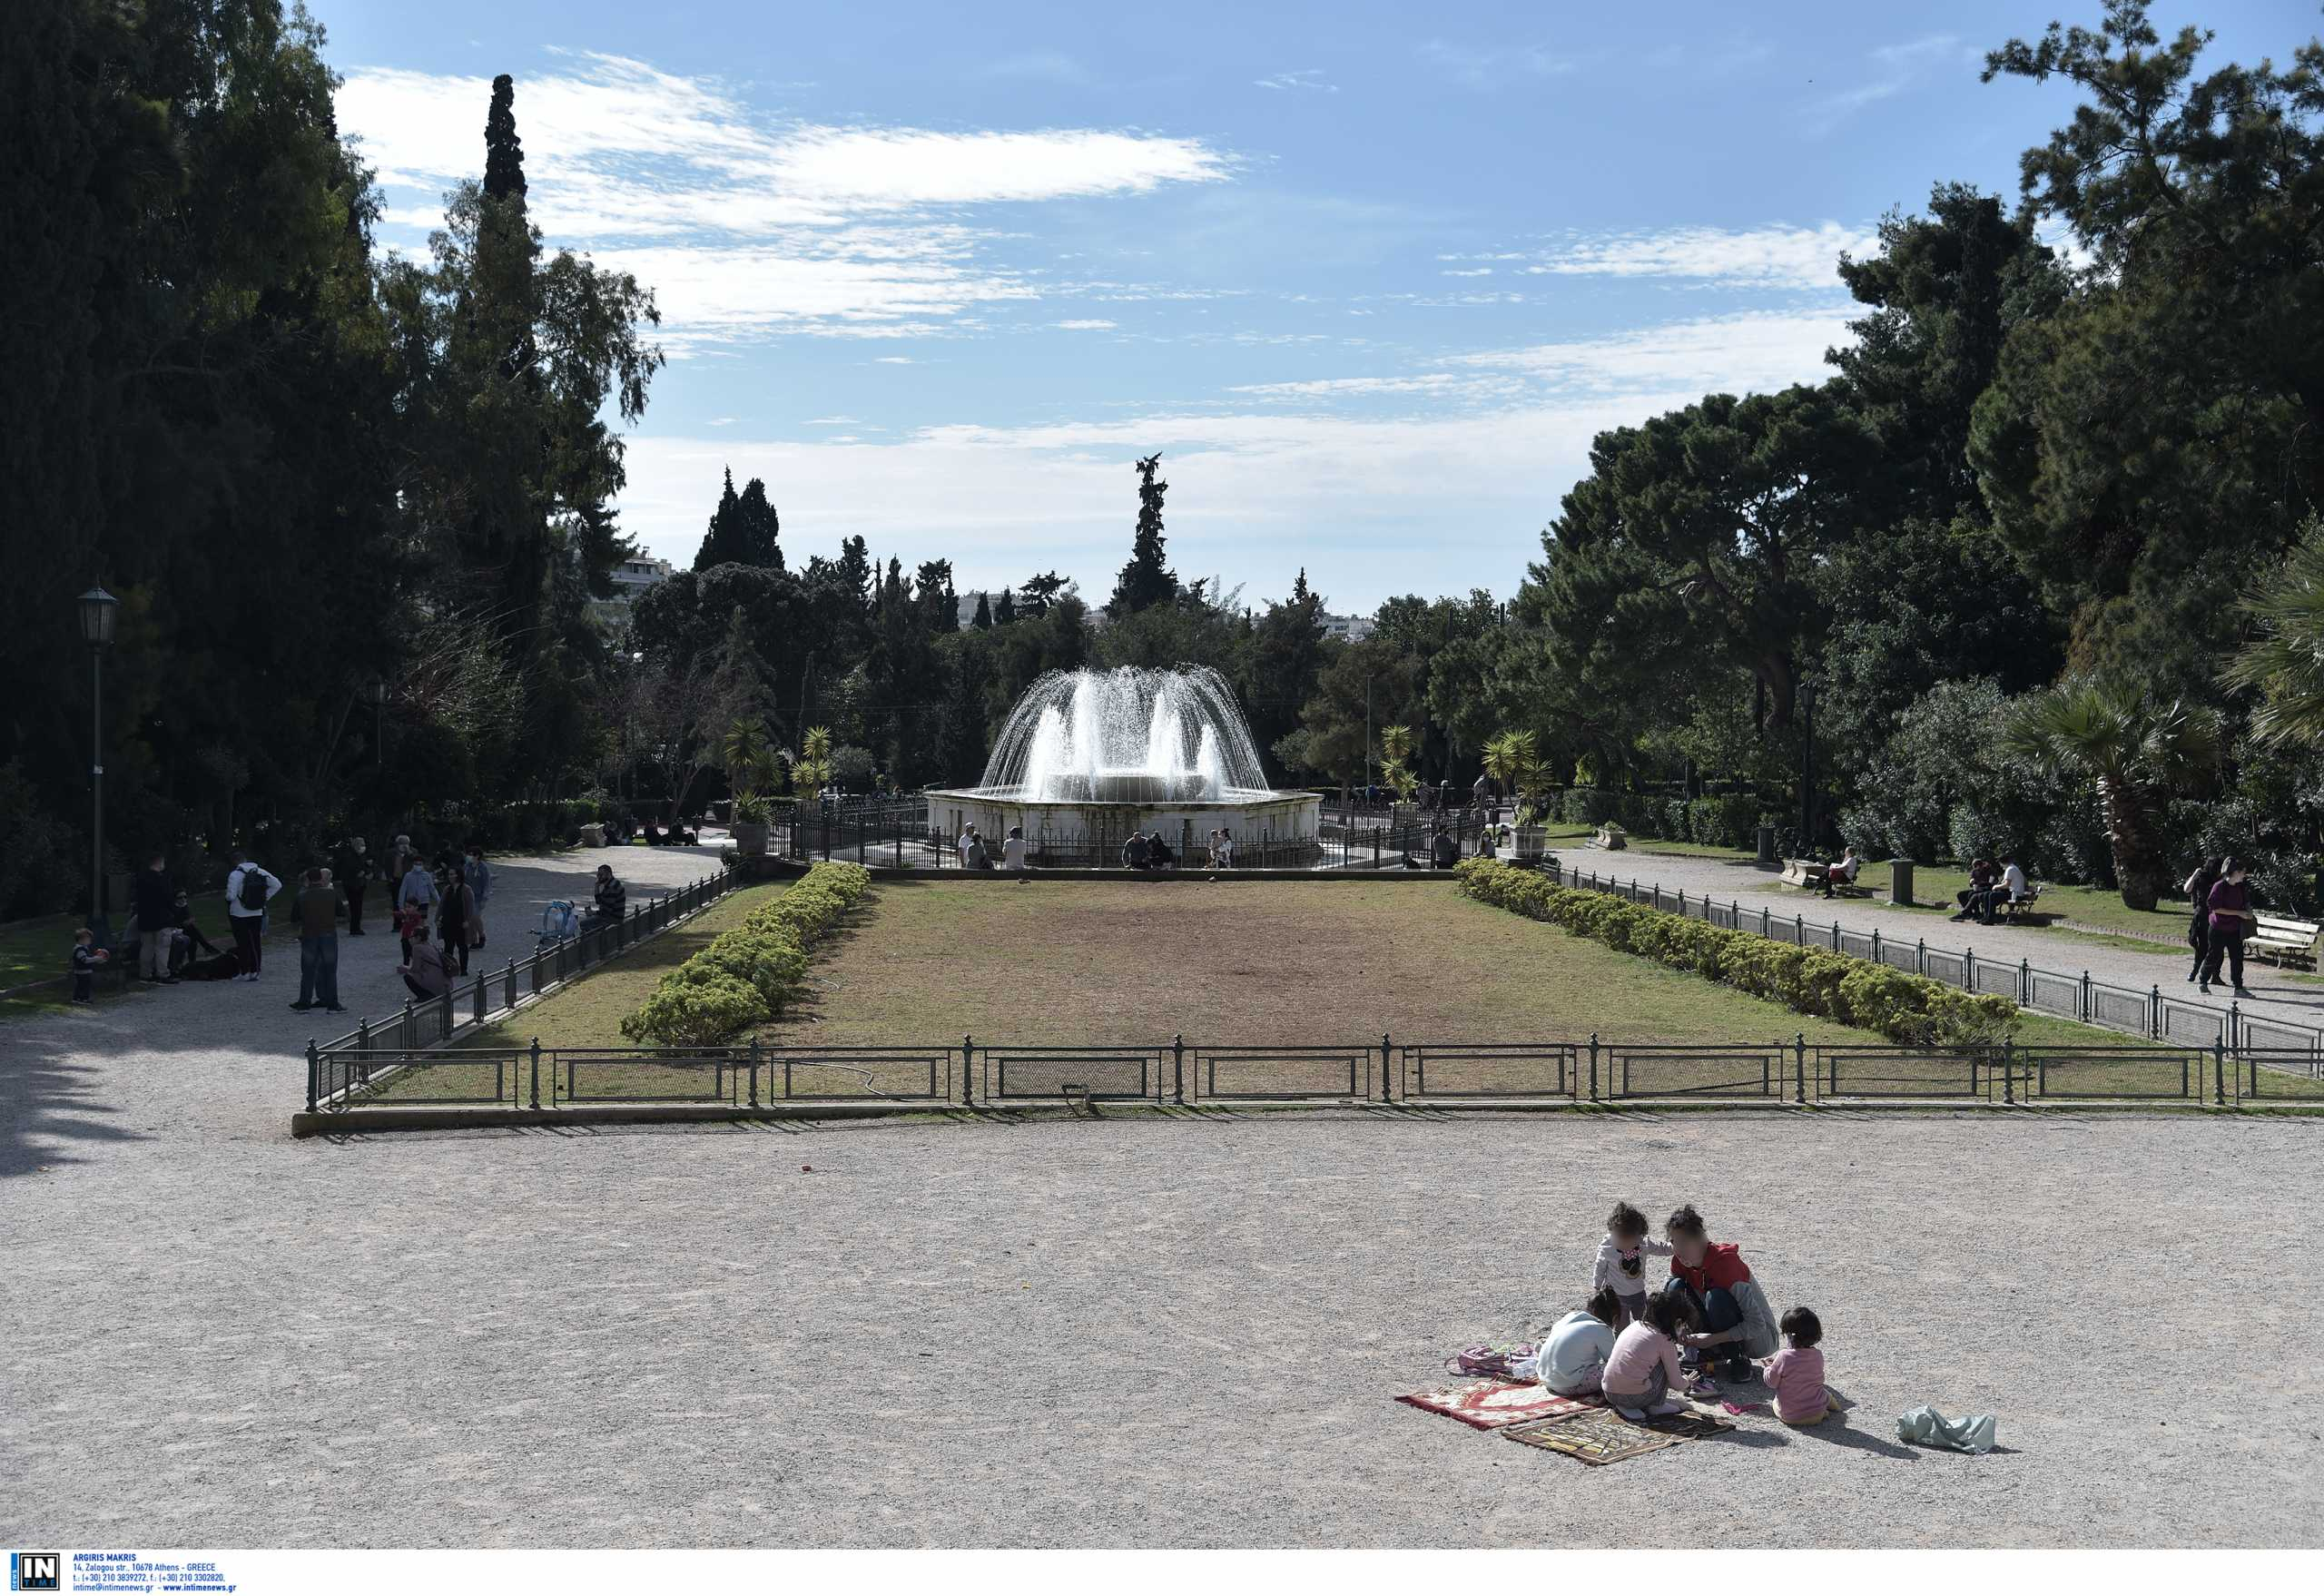 Κώστας Μπακογιάννης: Τριπλασιάσαμε τον προϋπολογισμό για το πράσινο – Μικρές και μεγάλες παρεμβάσεις στην Αθήνα